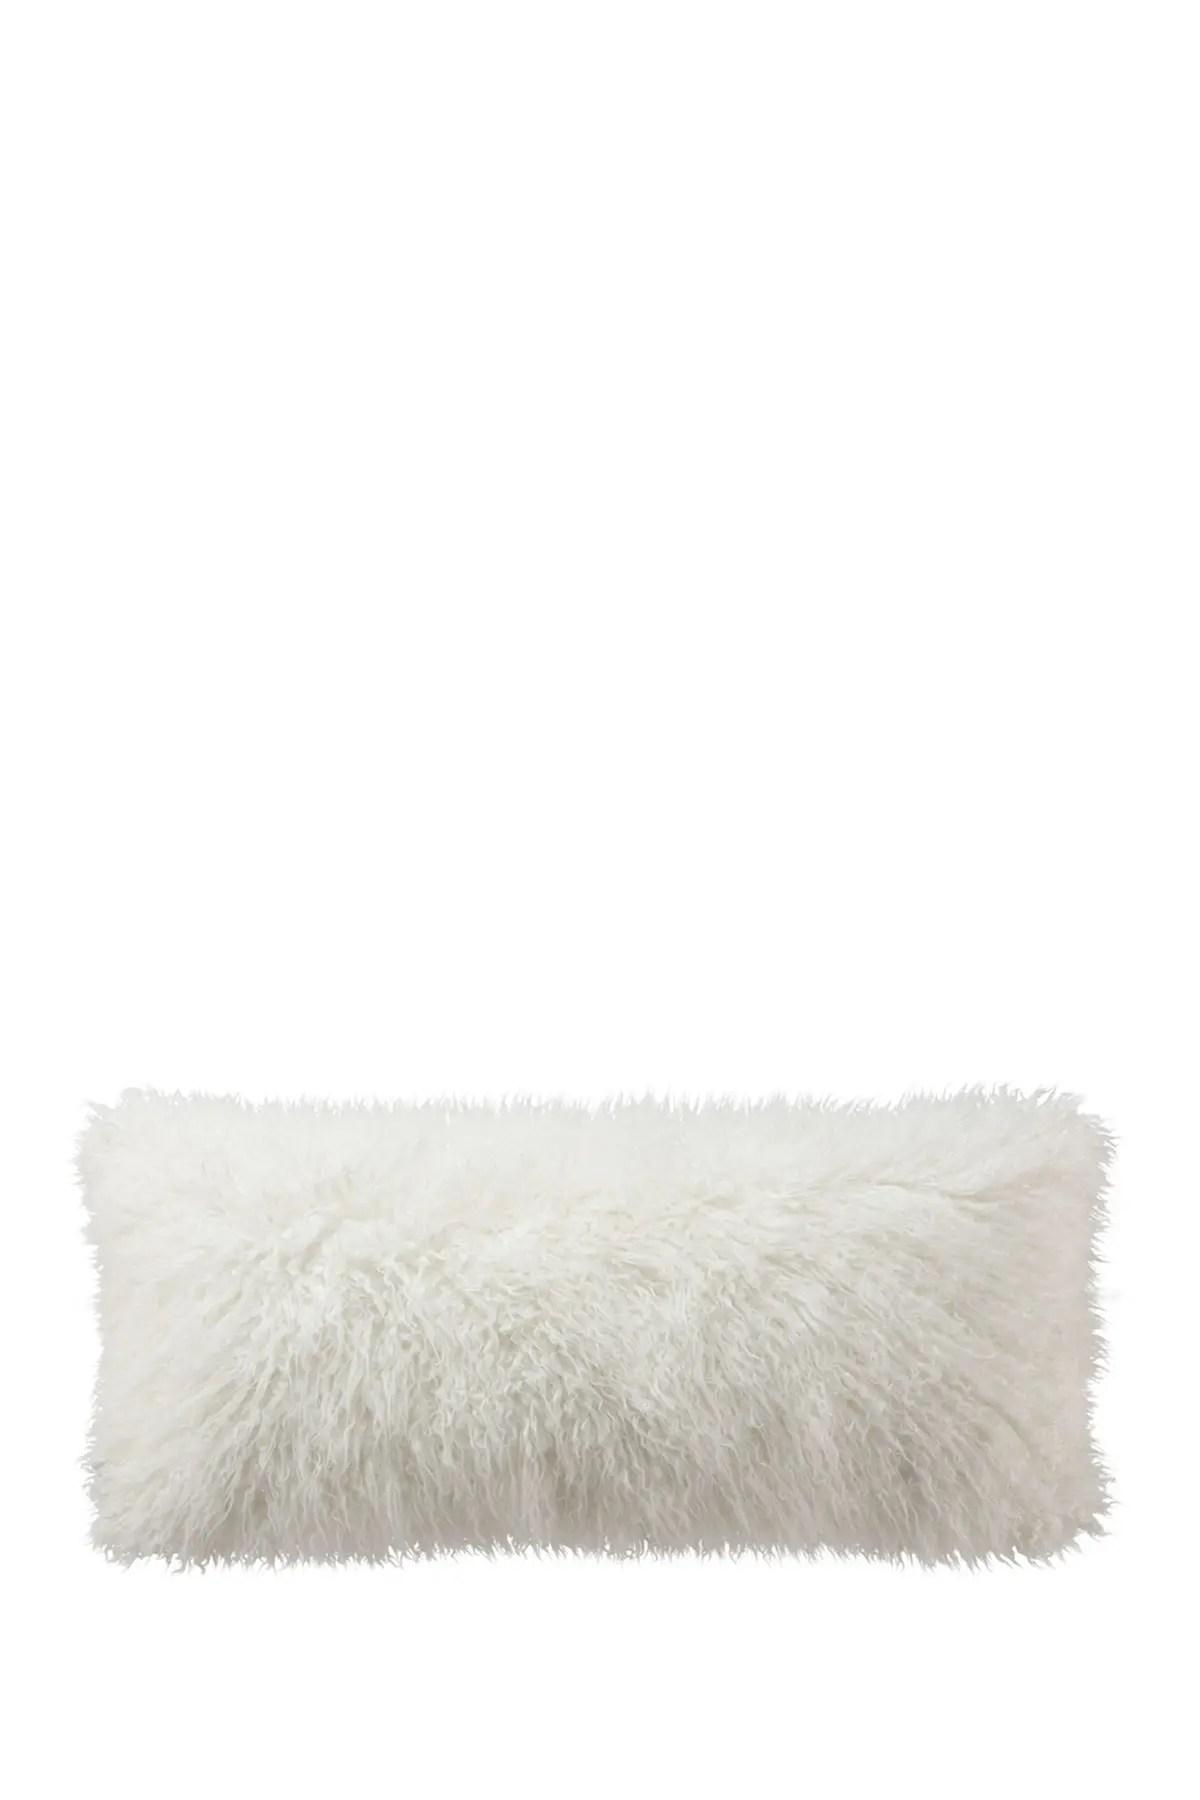 ugg natural flokati bolster pillow